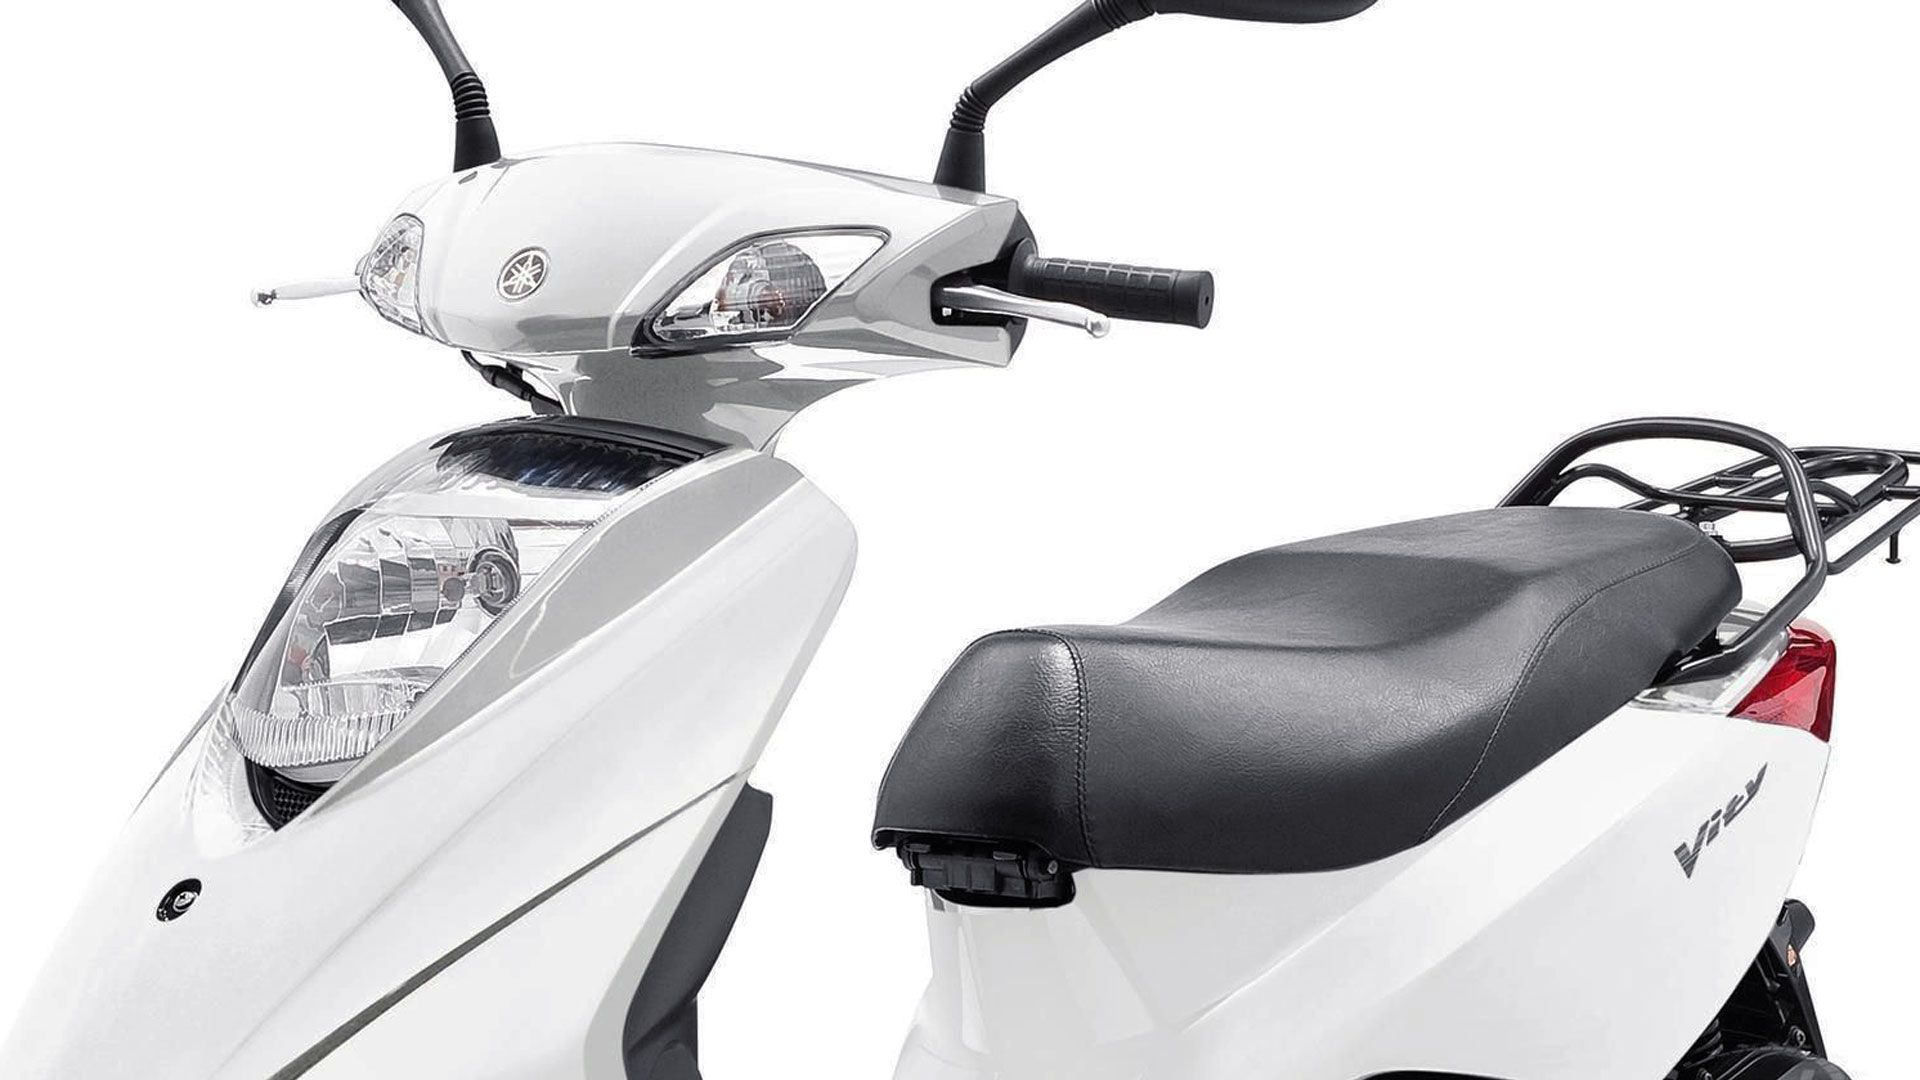 2012 Yamaha Vity 125 Headlamp Yamaha, Car review, Car